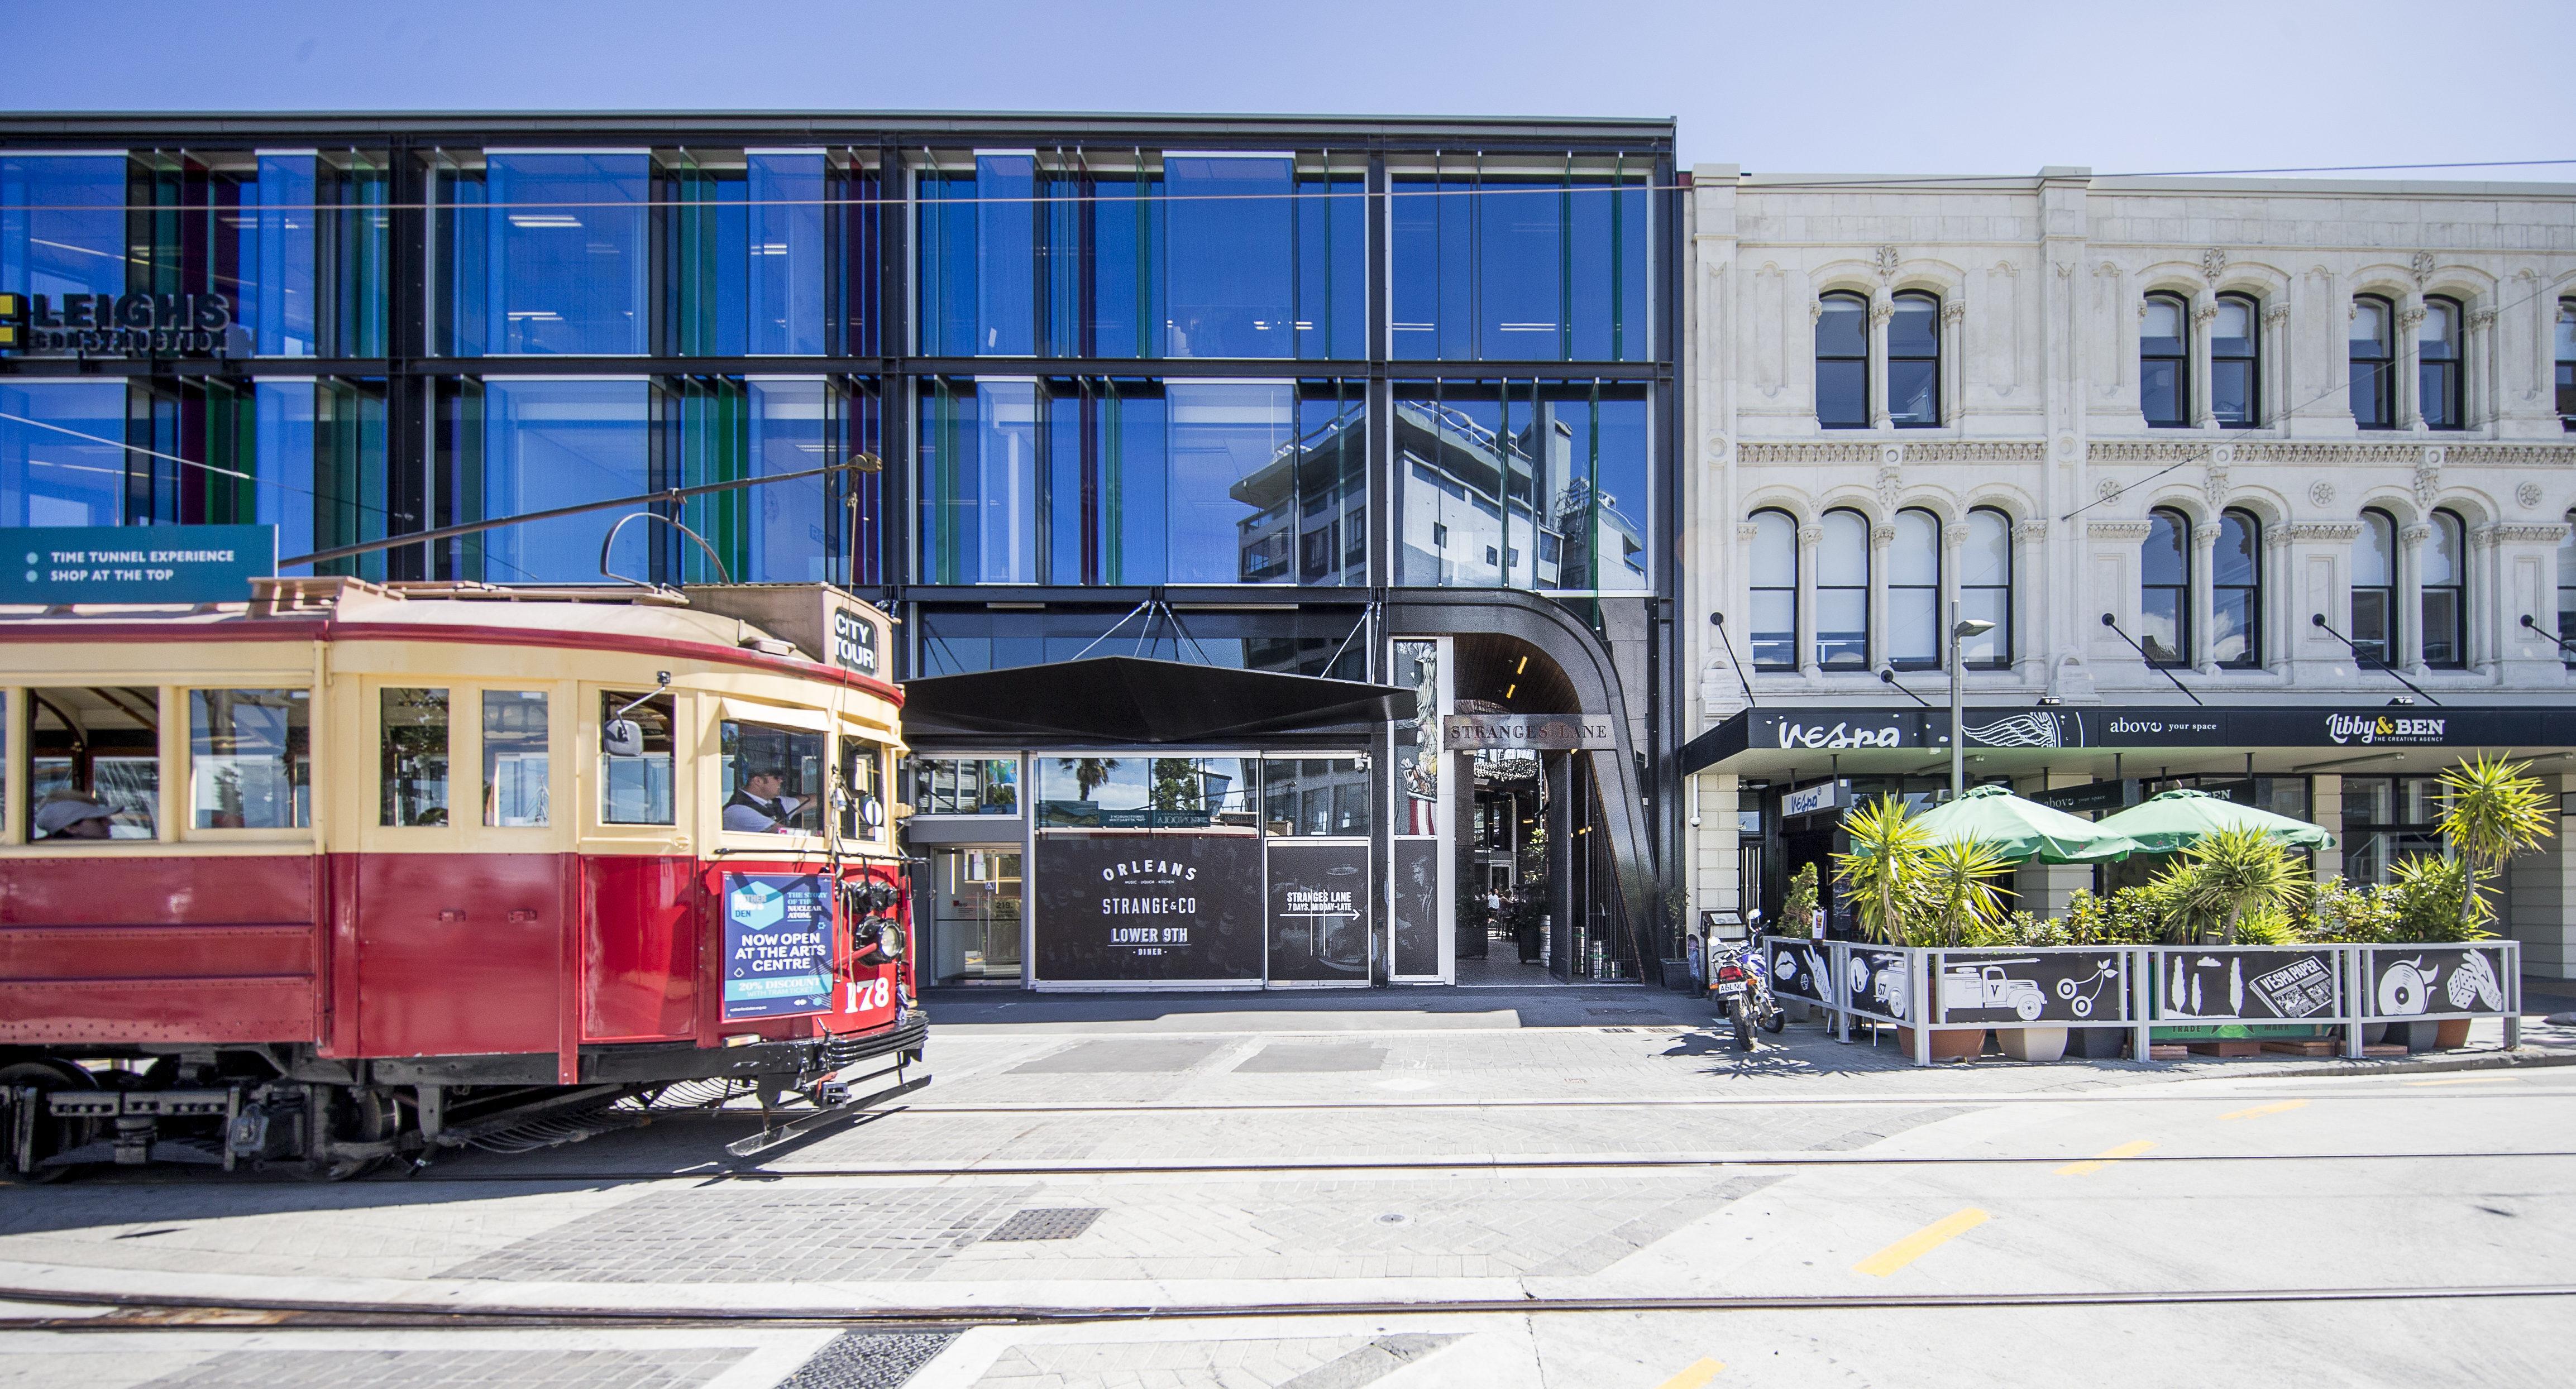 Christchurch City Images